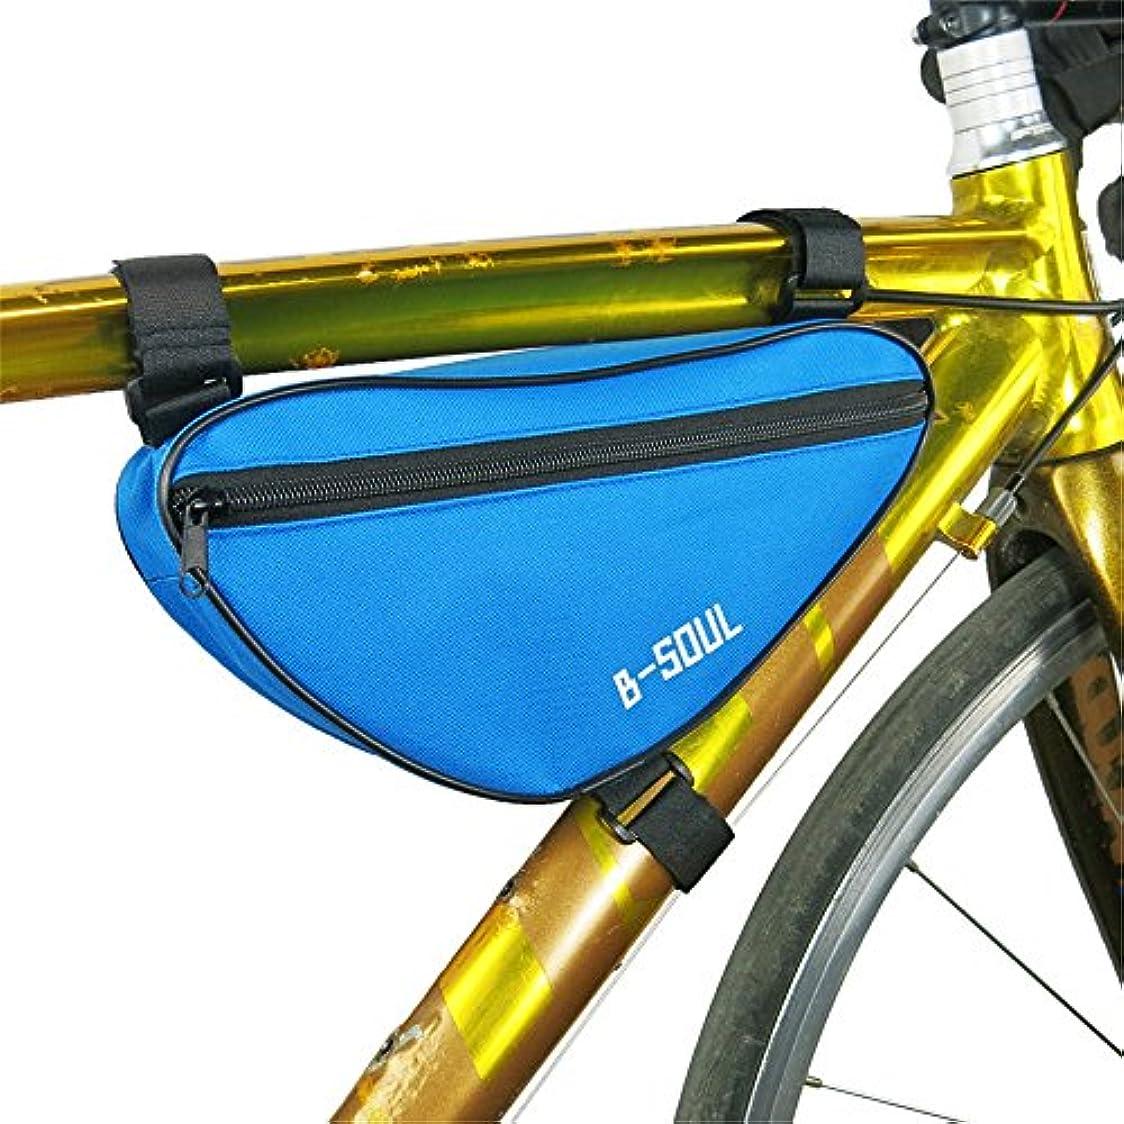 夢地球恐ろしい自転車シートパックバッグアウトドアスポーツタッチスクリーン携帯電話バッグ自転車フロントフレームマウンテンバイクサドルバッグ サイクリングバッグ防水 (色 : 青)